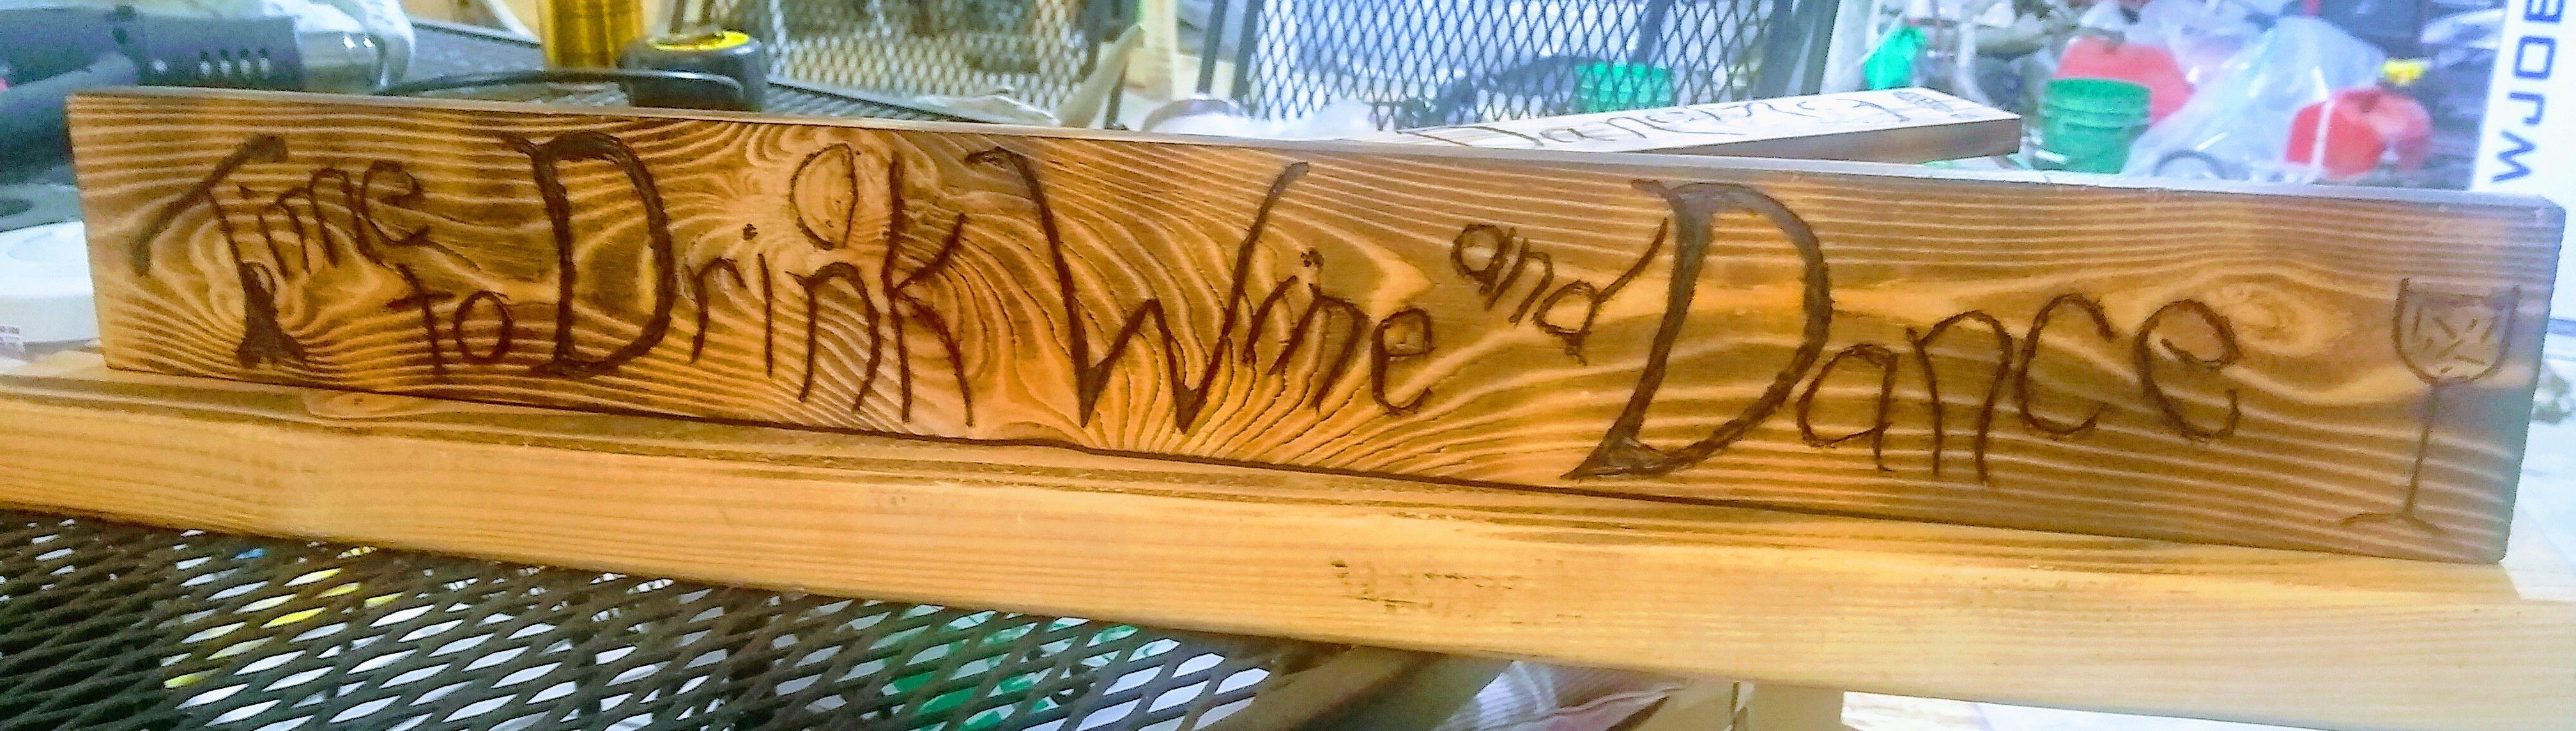 Pin by Leta Grigsby on Wood diy in 2020 Wood diy, Wood, Diy